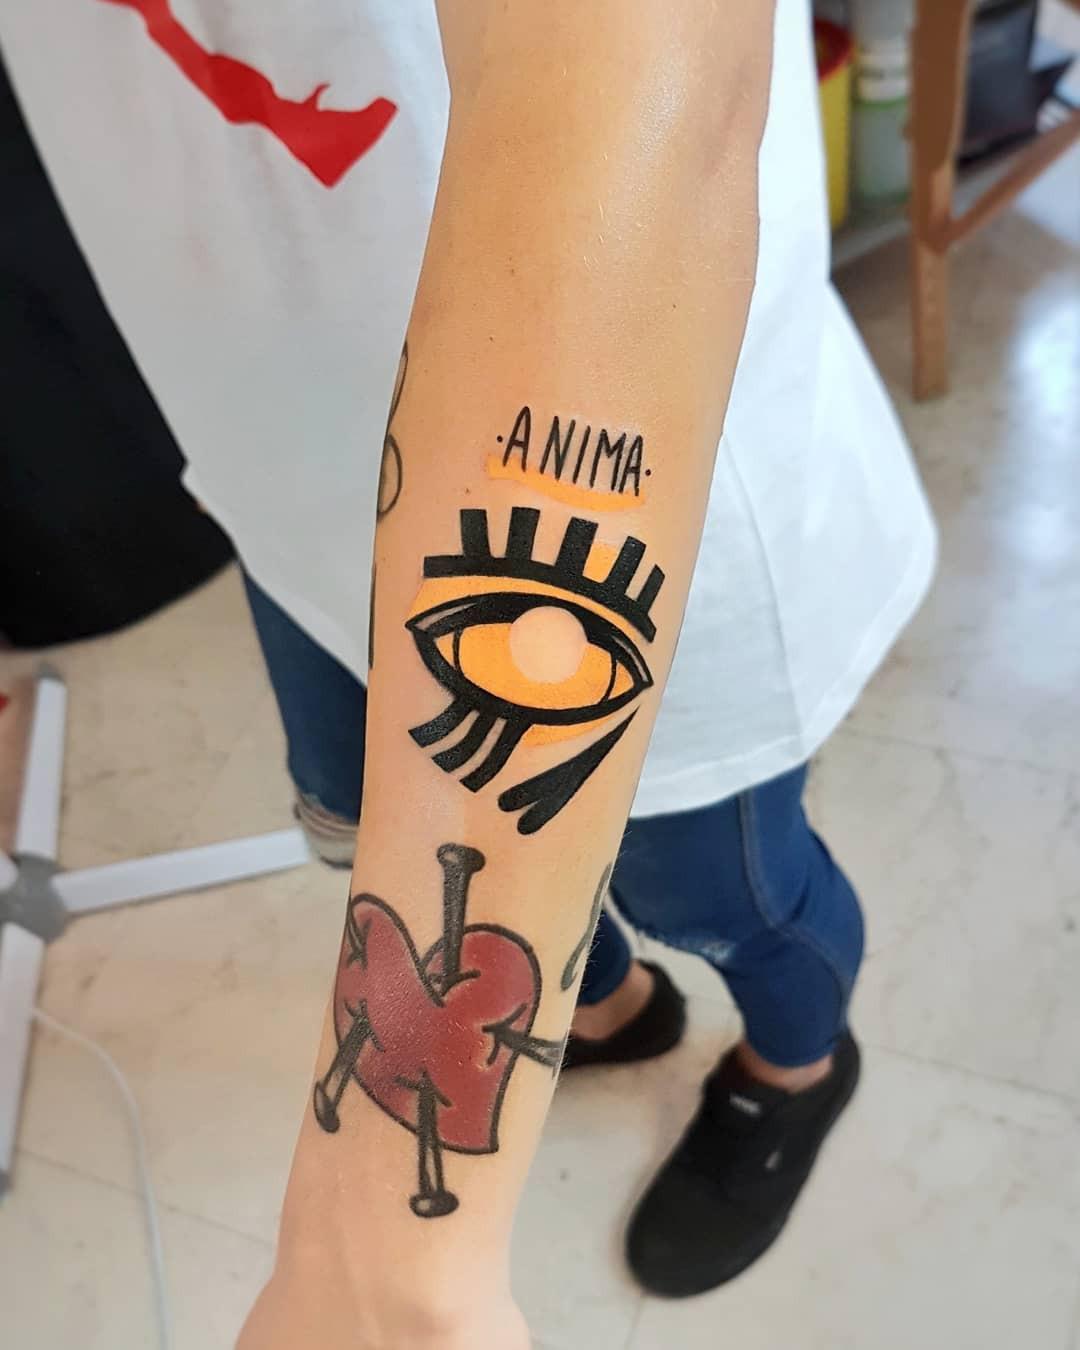 Roberto Mancuso Tattoo Artist inksearch tattoo